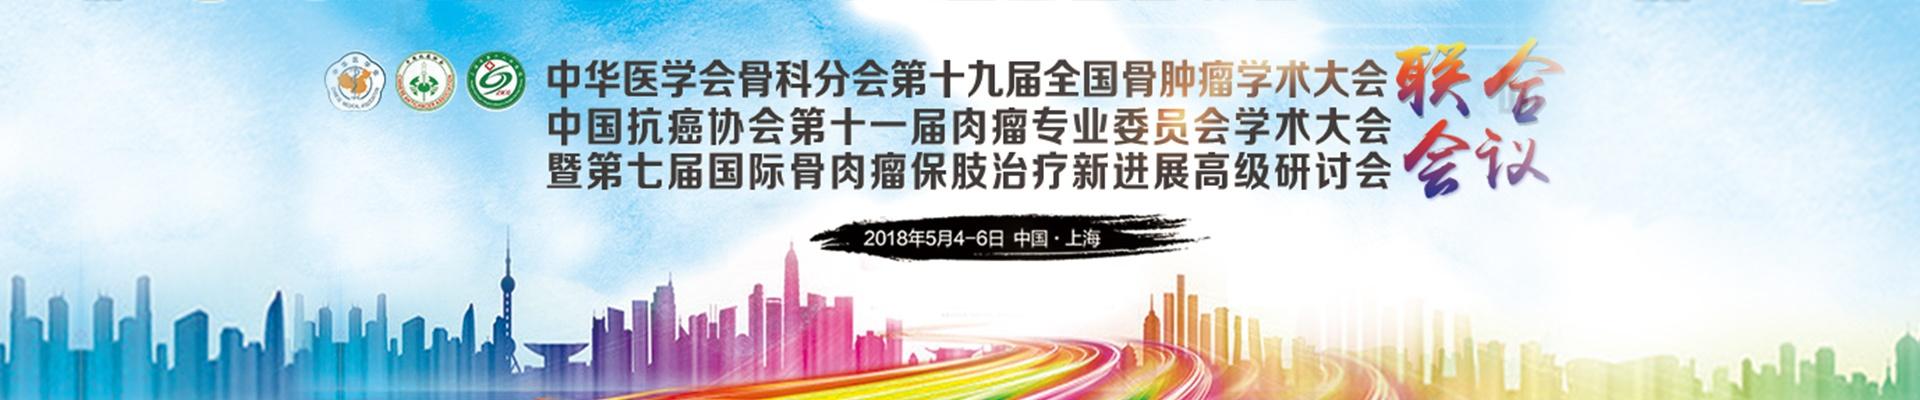 中華醫學會骨科分會第十九屆全國骨腫瘤學術大會